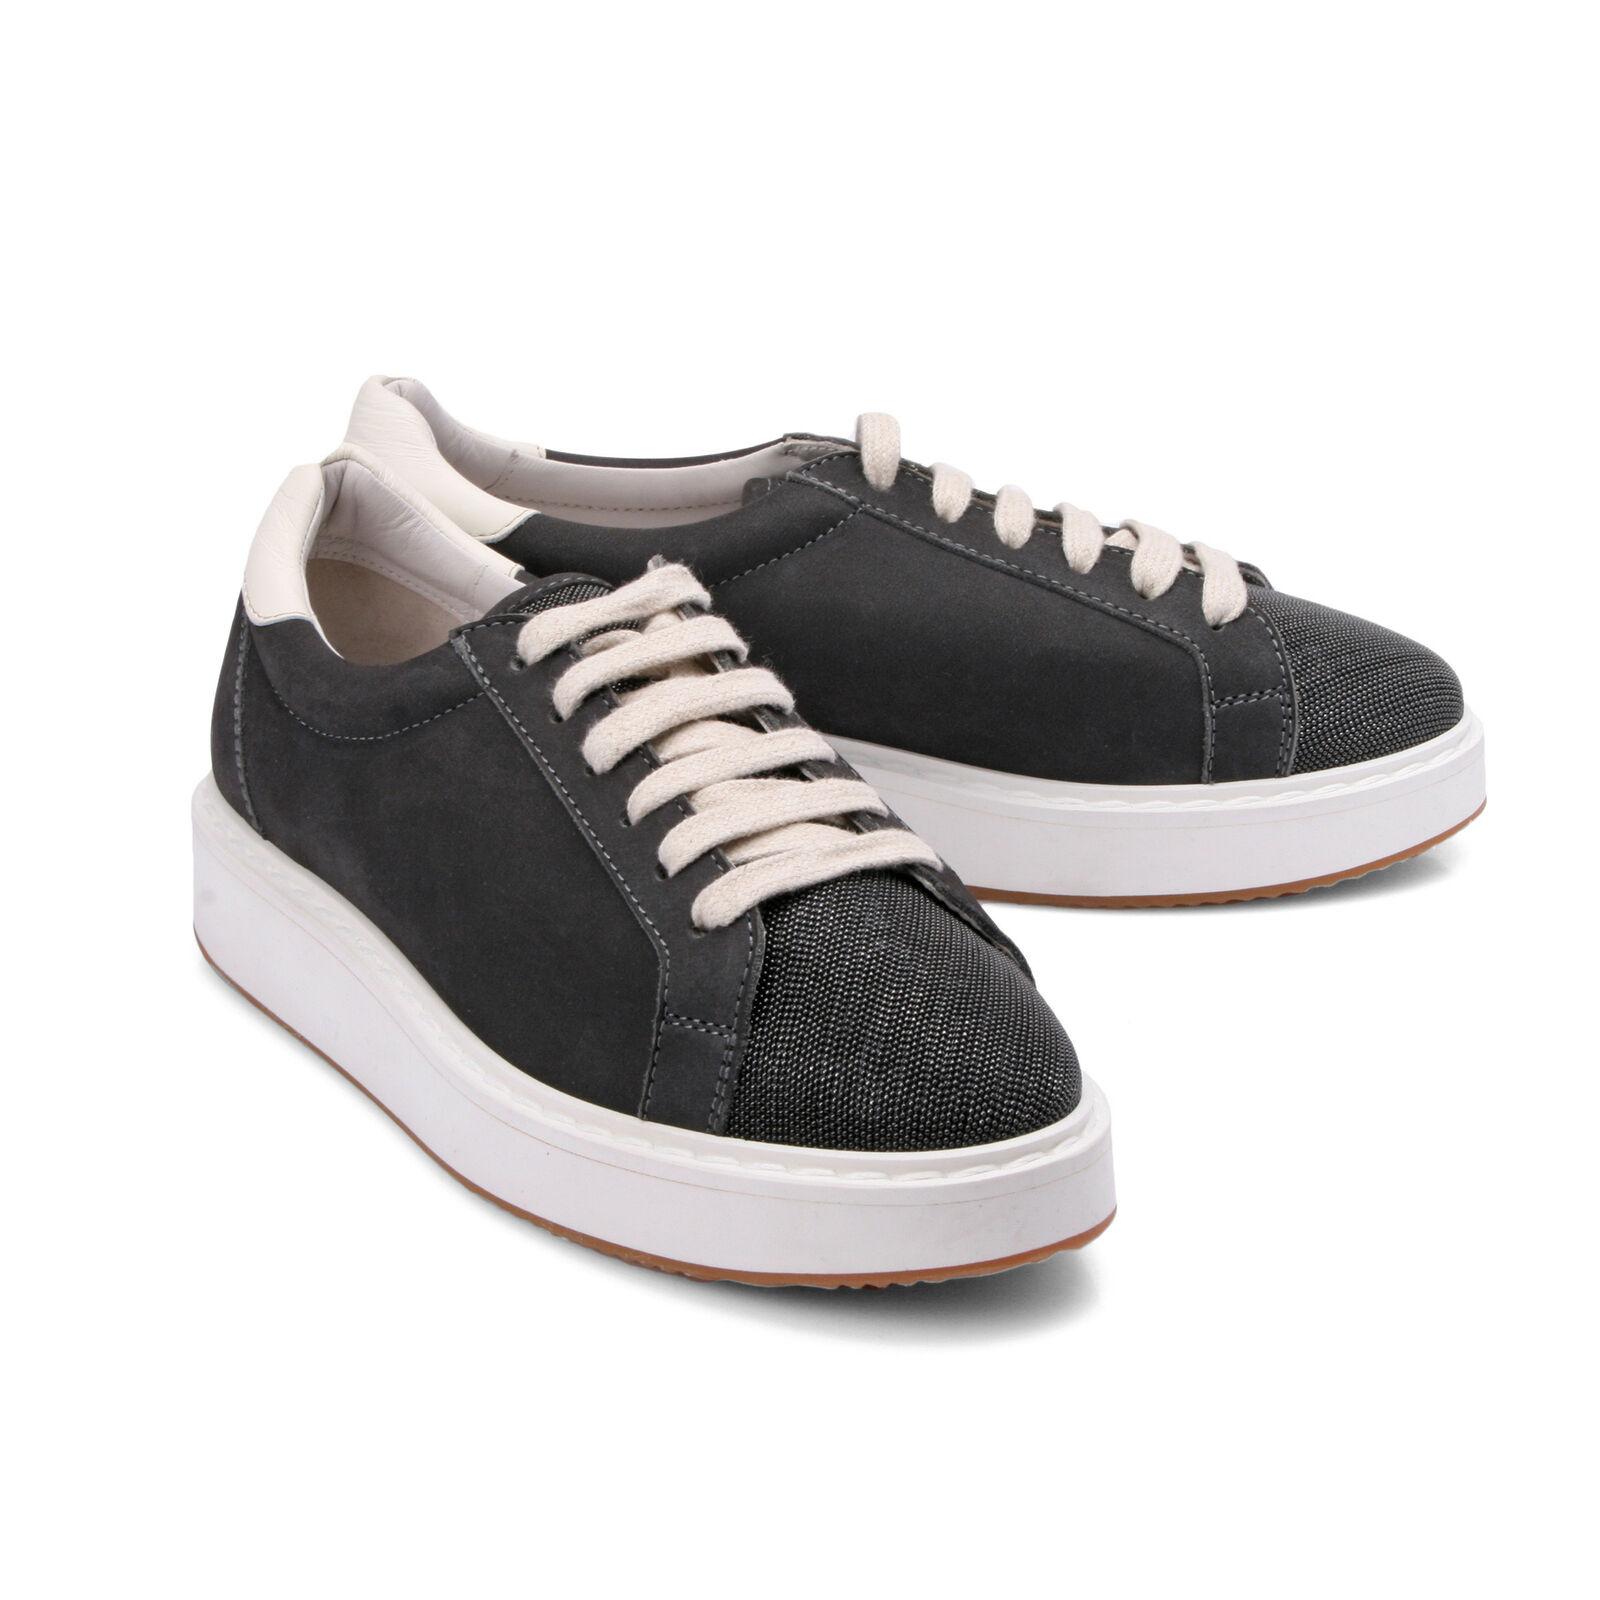 Brunello Cucinelli women Sneaker in pelle Eu 37.5 US 7.5